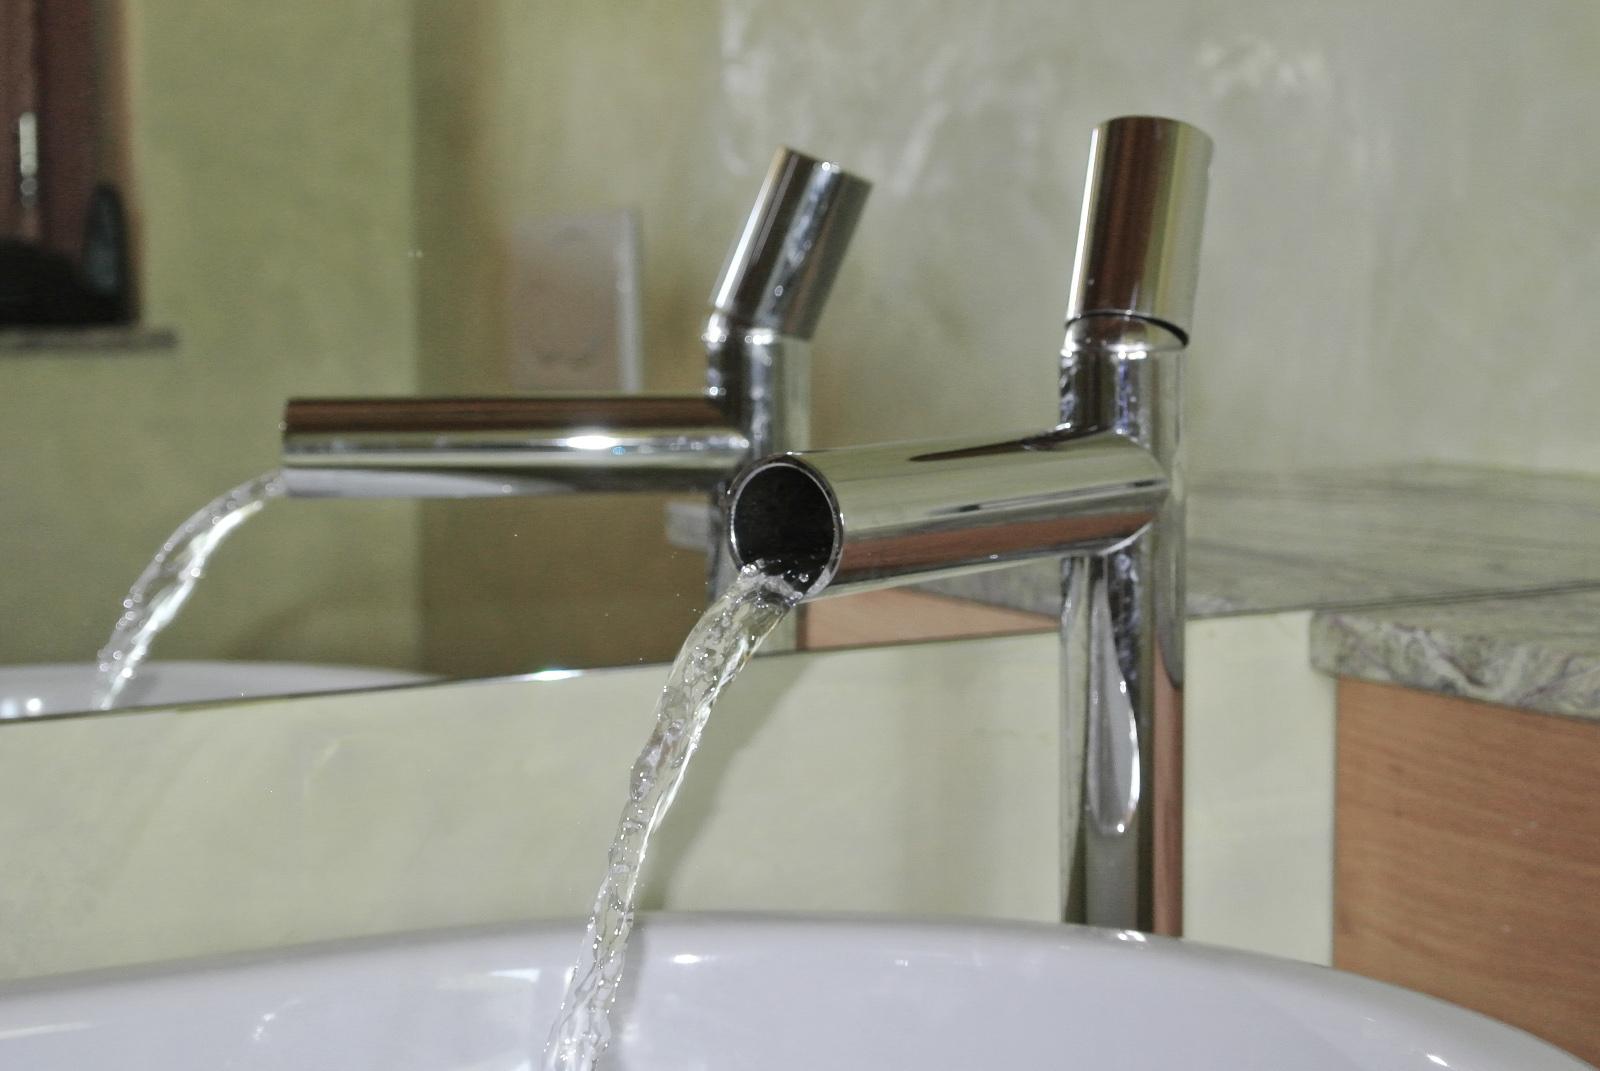 sintesibagno-verbania-svizzera-canto-ticino-arredobagno-rubinetto-rubinetteria-a-cascata-bonomi-tube